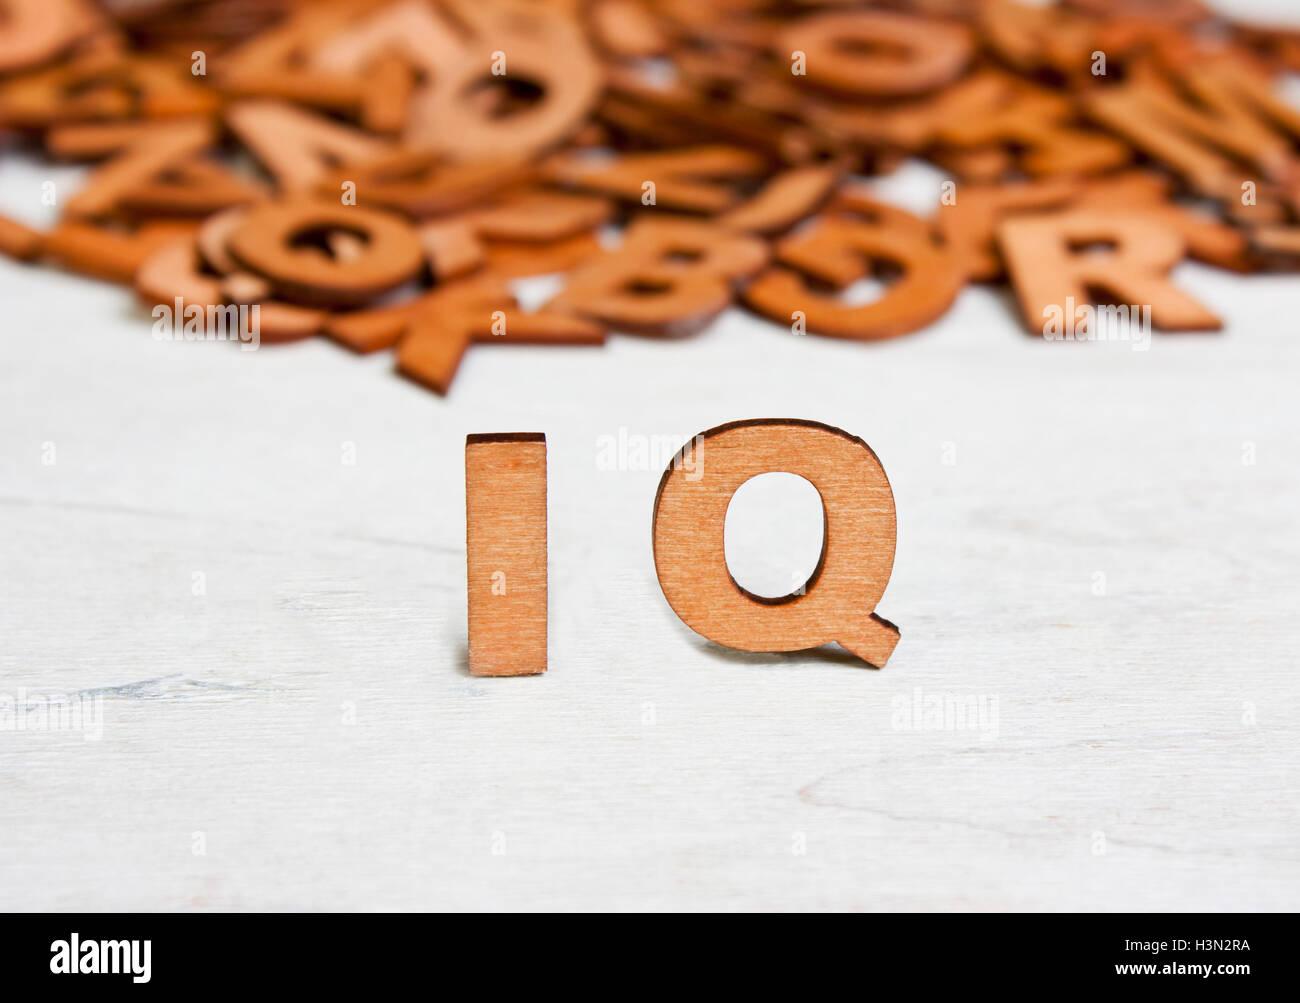 Mot quotient intellectuel ) faite avec des lettres sur un fond d'autres lettres floues Photo Stock